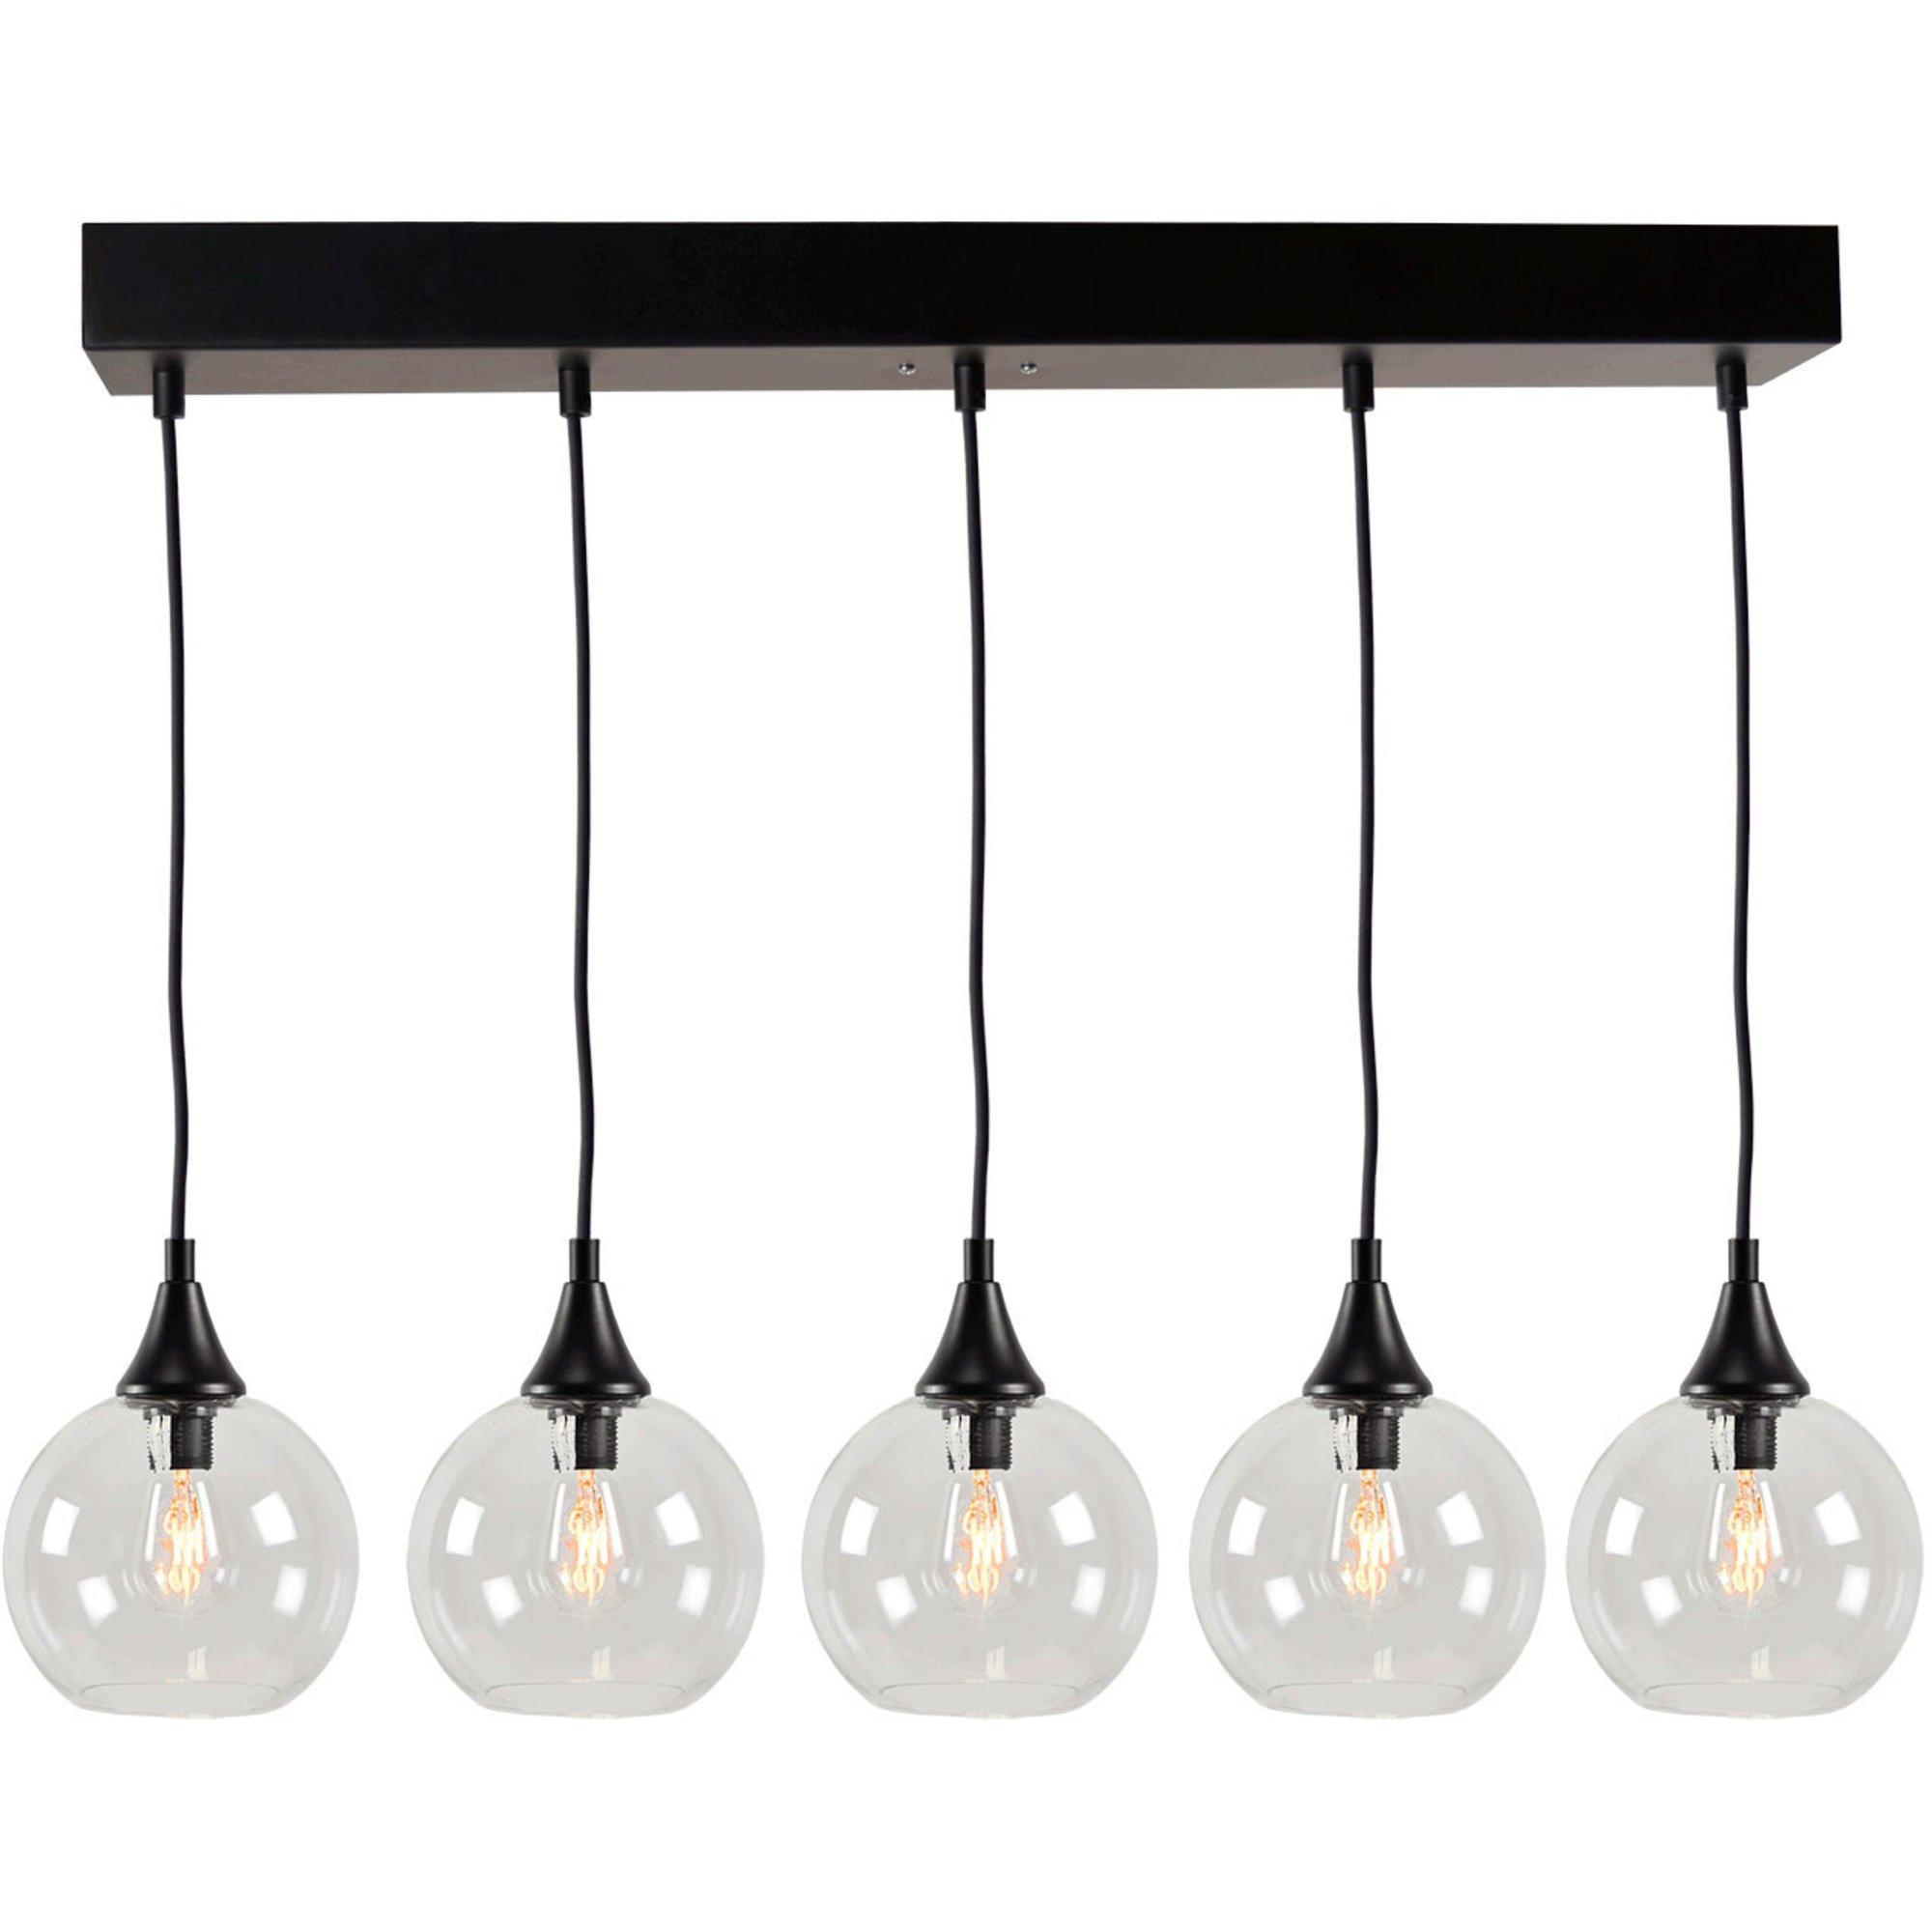 Globen Lighting Pallas Pendel 5 klar/svart